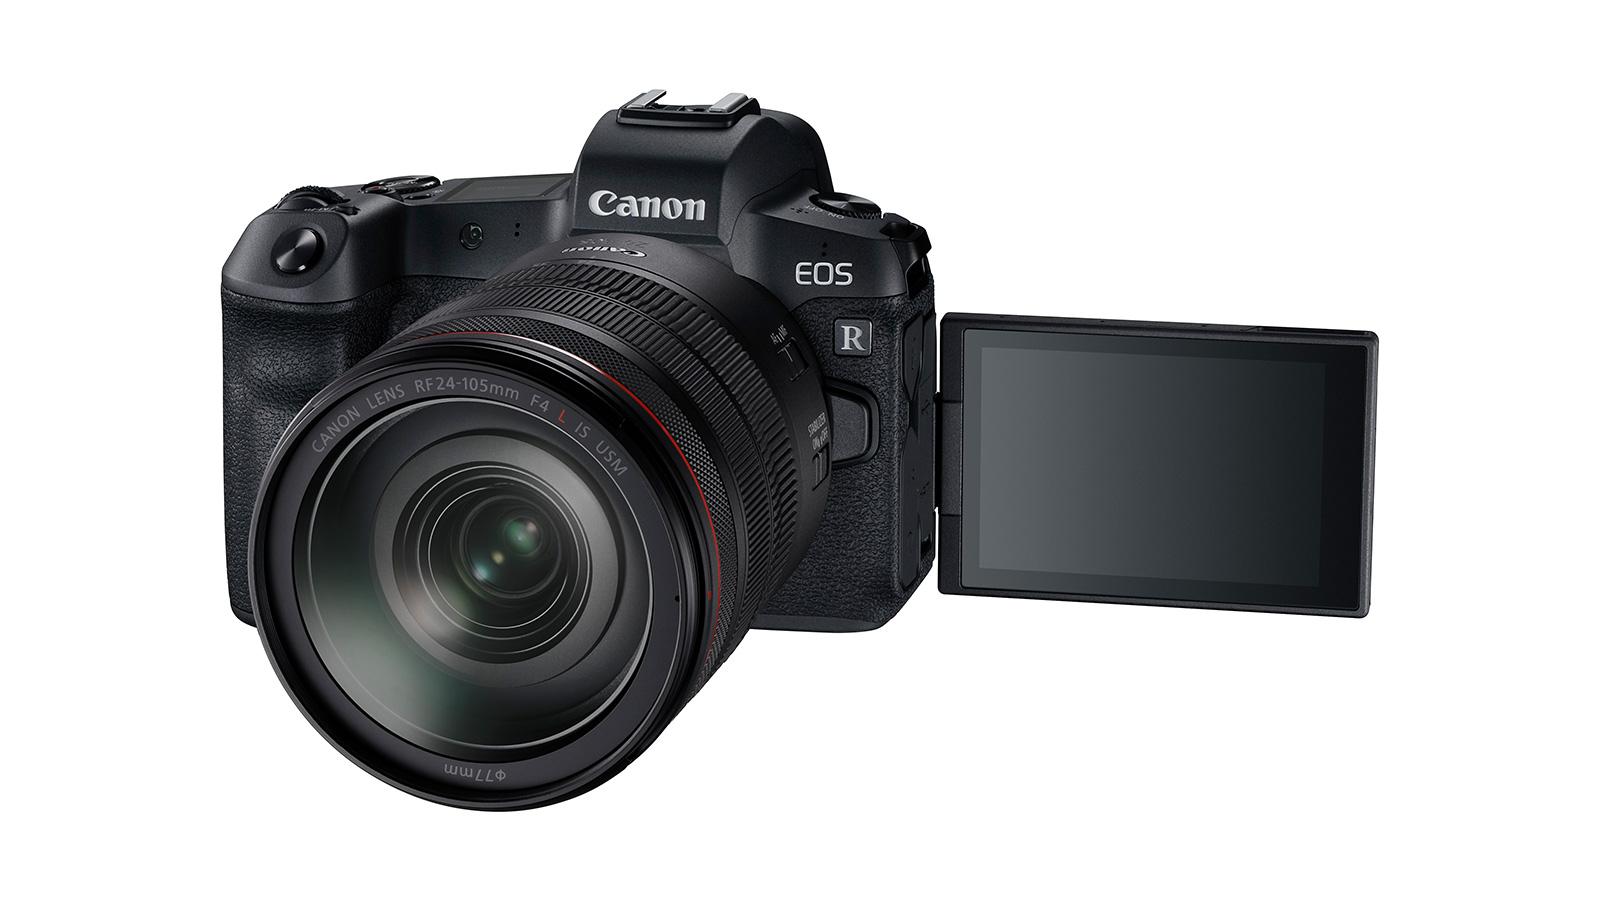 Canon Announces EOS R, 30.3MP Full-Frame Mirrorless